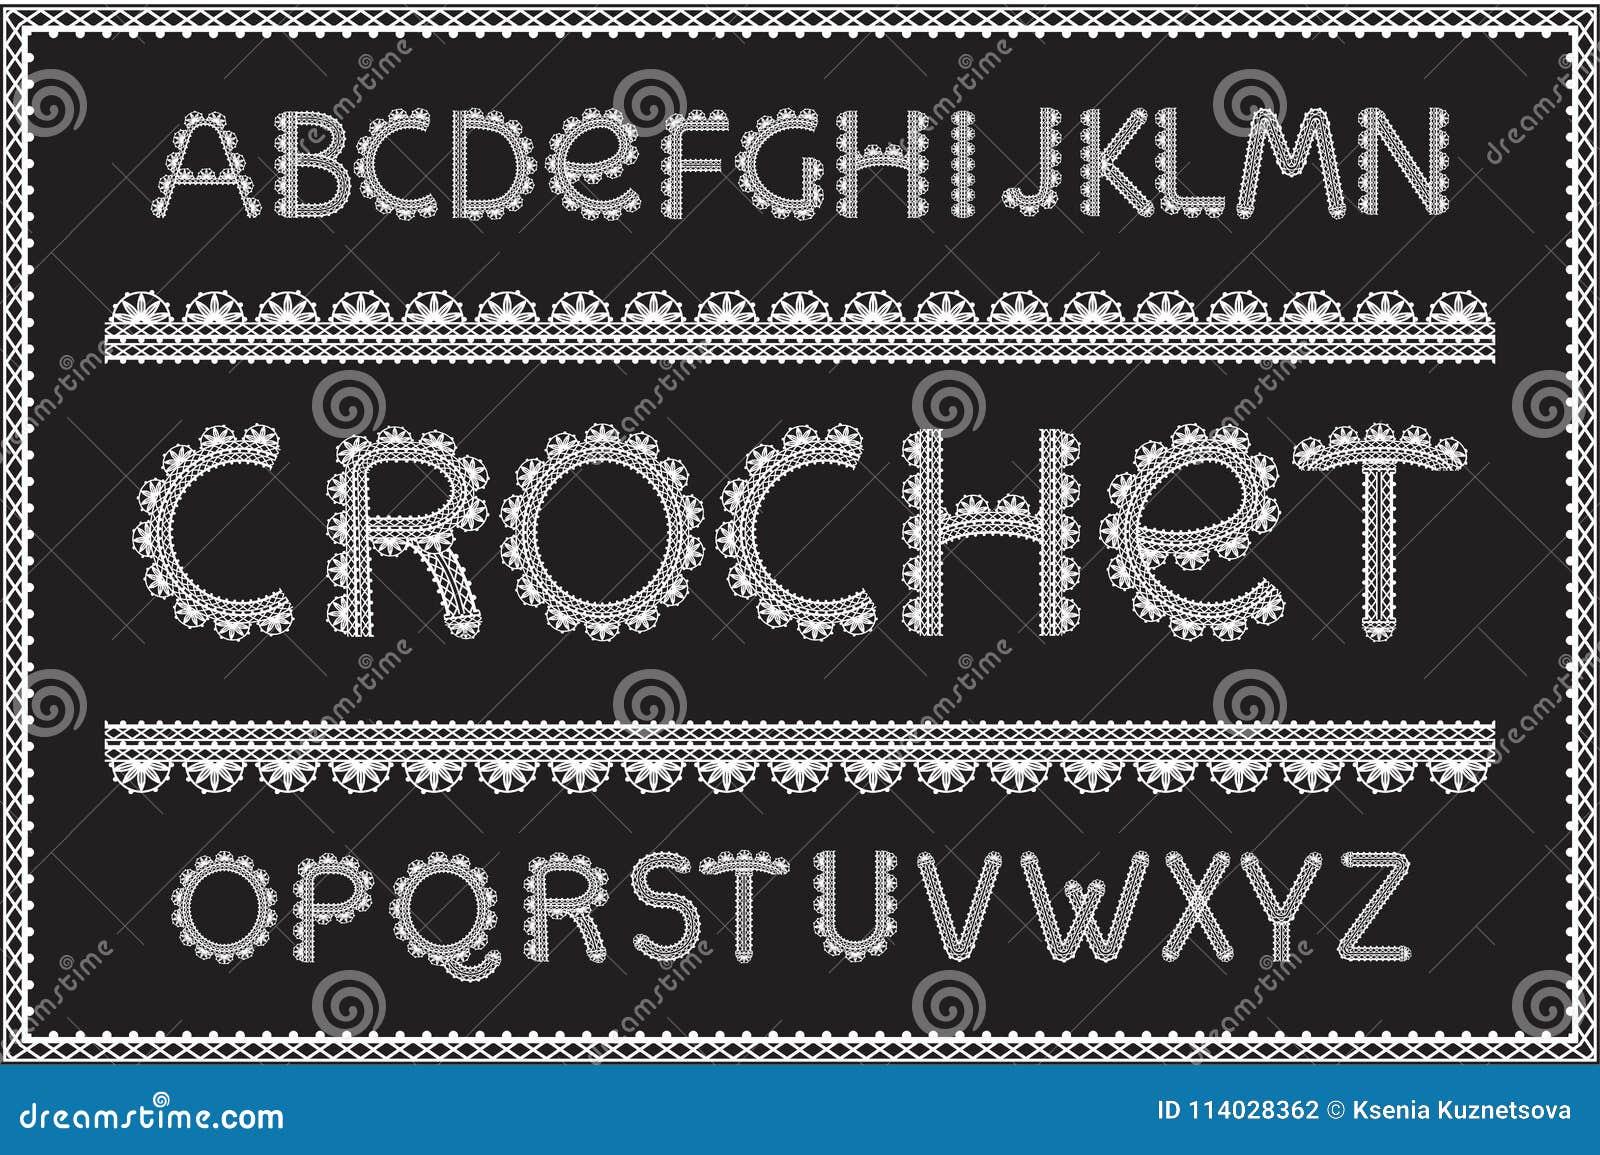 Crochet Letters Set Stock Vector Illustration Of Hobby 114028362